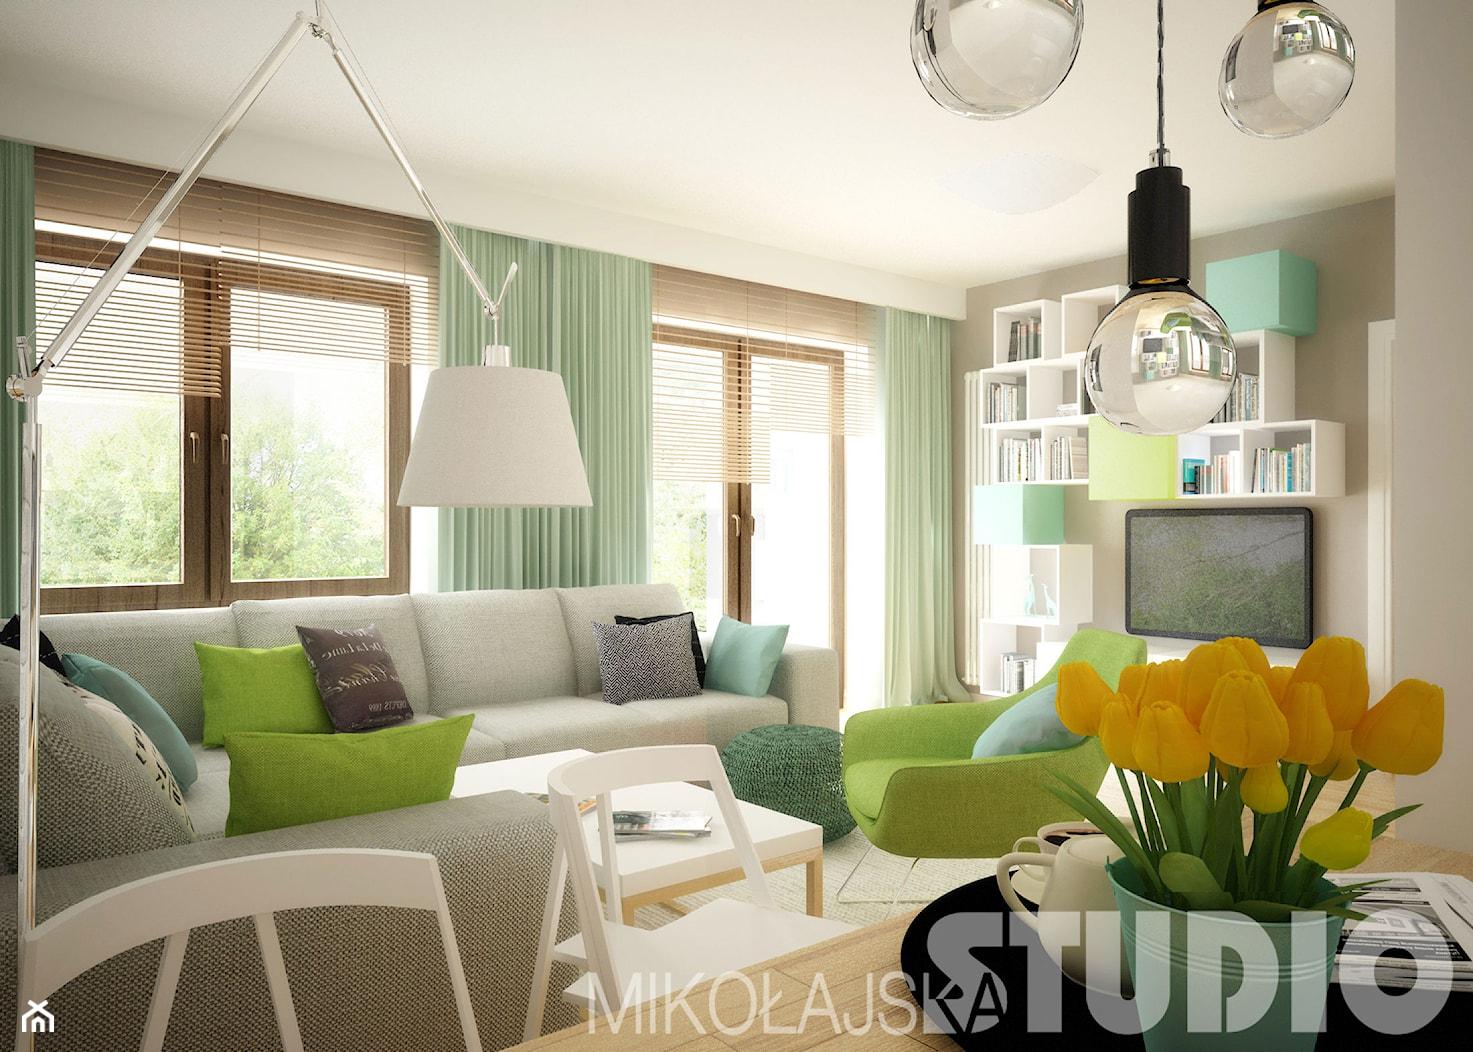 Salon w jasnych koplorach - zdjęcie od MIKOŁAJSKAstudio - Homebook